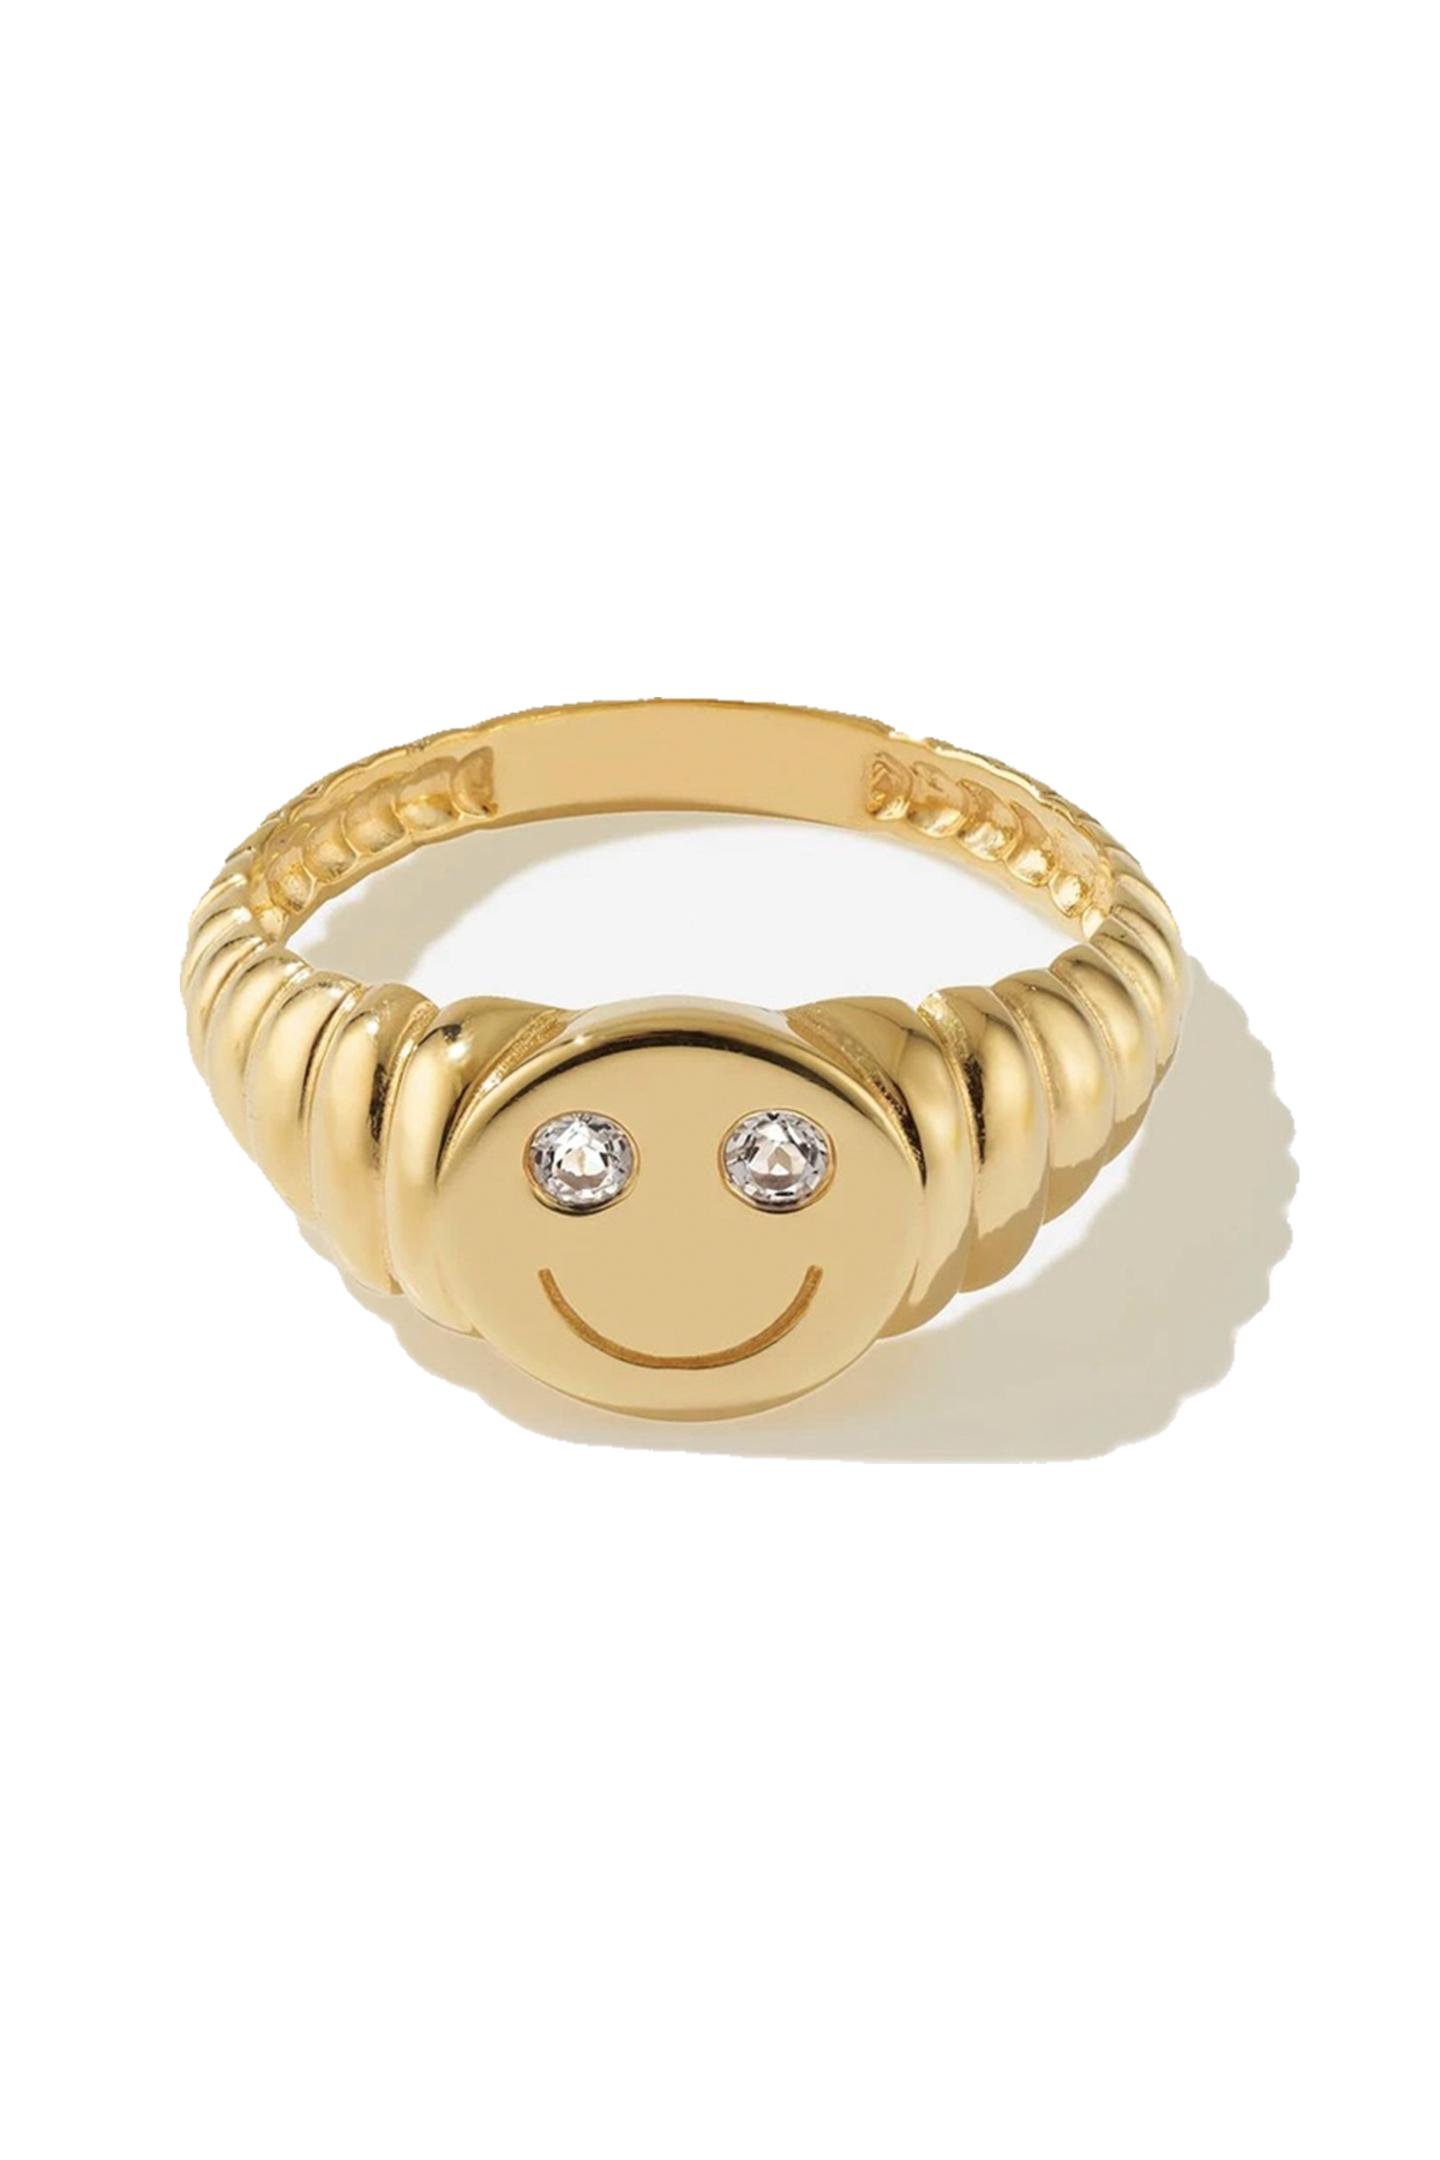 Na, wenn da mal keine gute Laune garantiert ist! Der Smiley-Ring aus vergoldetem 925 Sterling-Silber versüßt uns den Alltag und steckt uns mit seinem Lächeln direkt an. Was wollen wir mehr? Von Bruna, ca. 125 Euro.